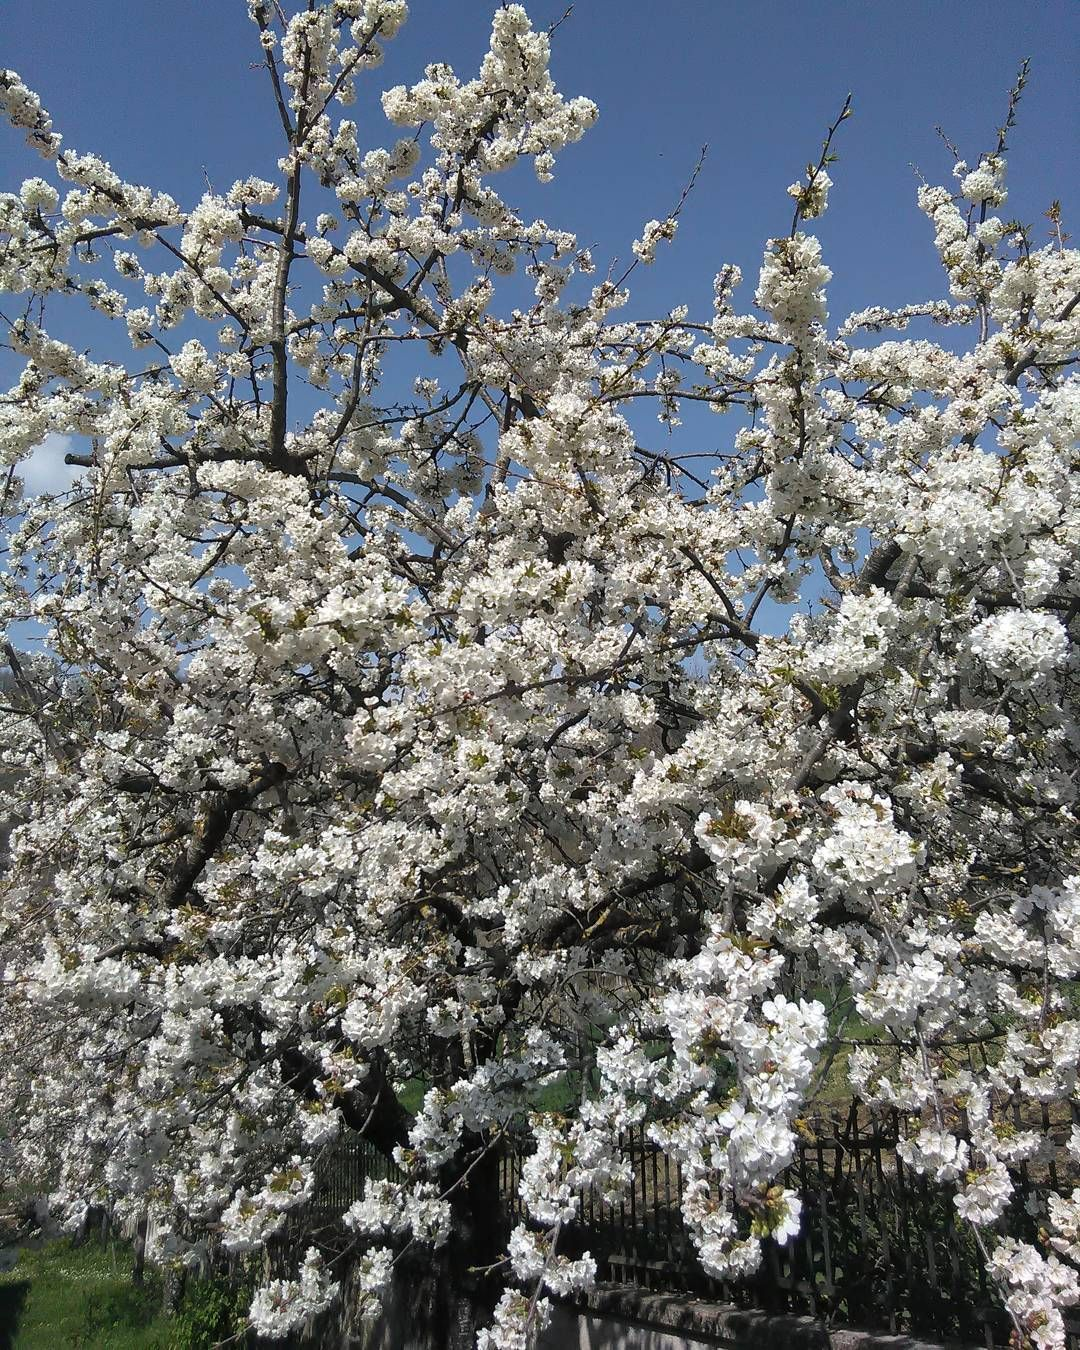 #alberodafrutto#ciliegio  #fiore#natura#cieloazzurro by lorymarciano77